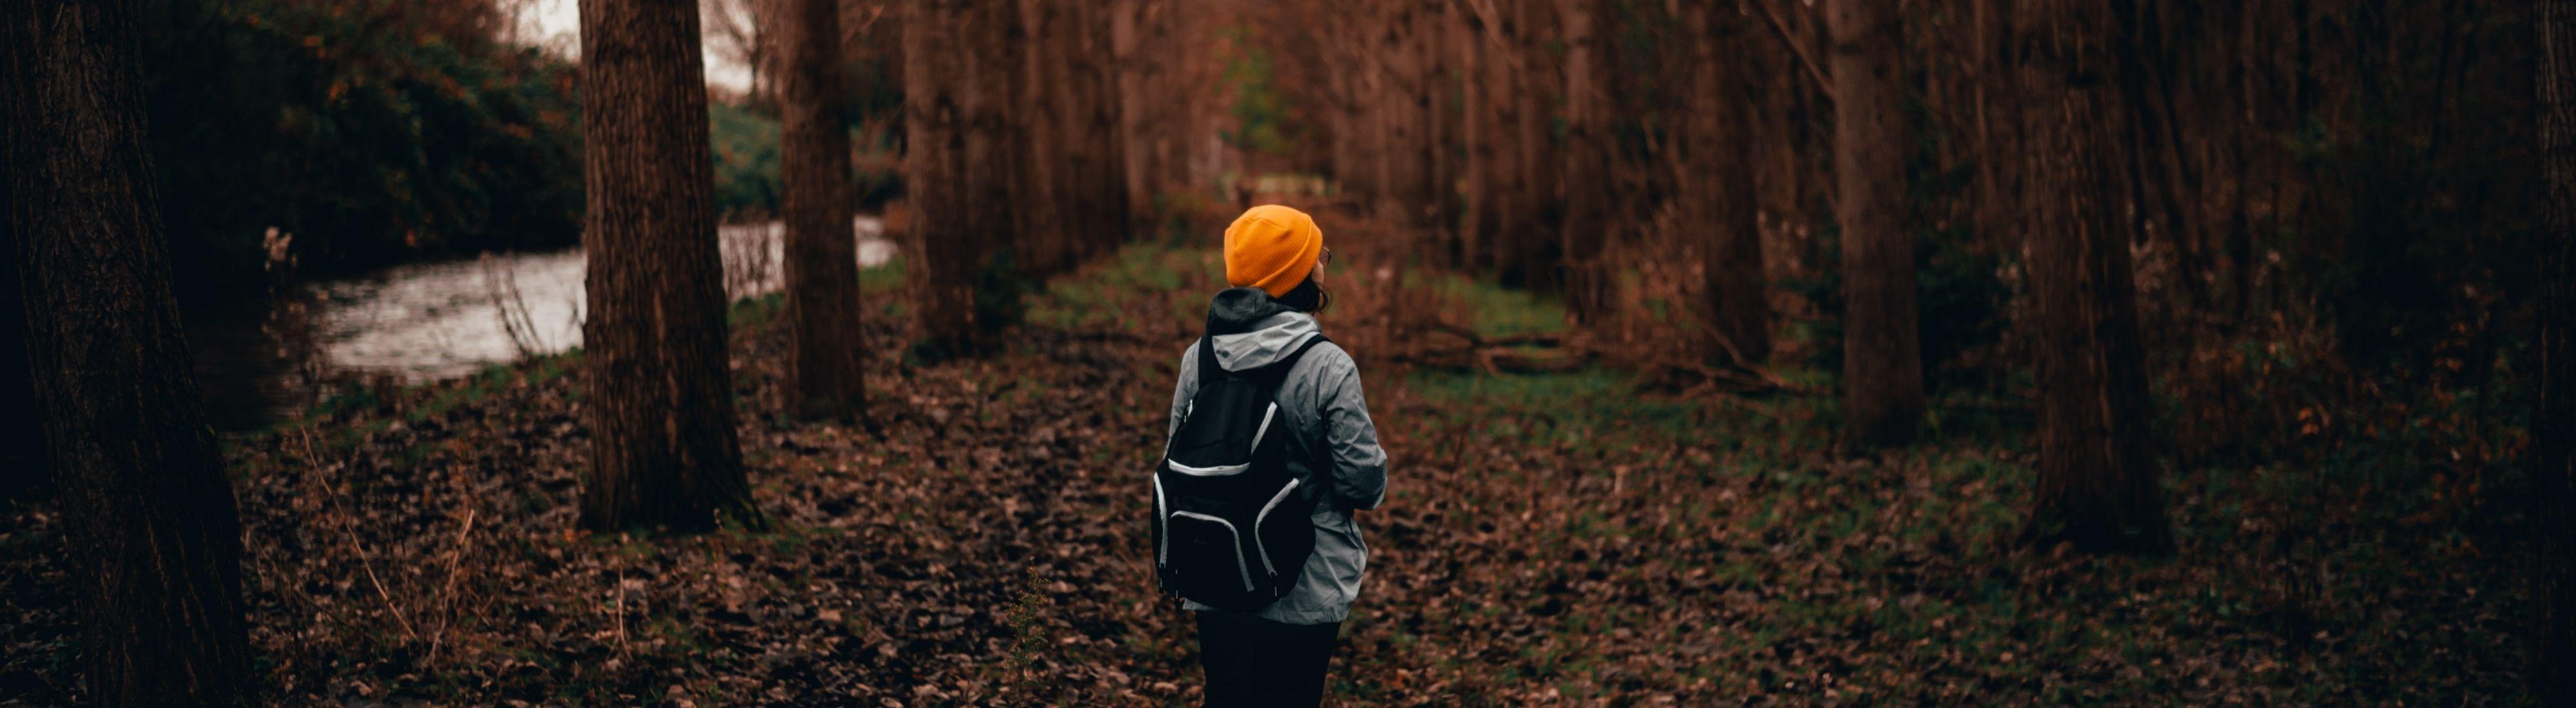 Person steht auf Laubboden in einem Wald.